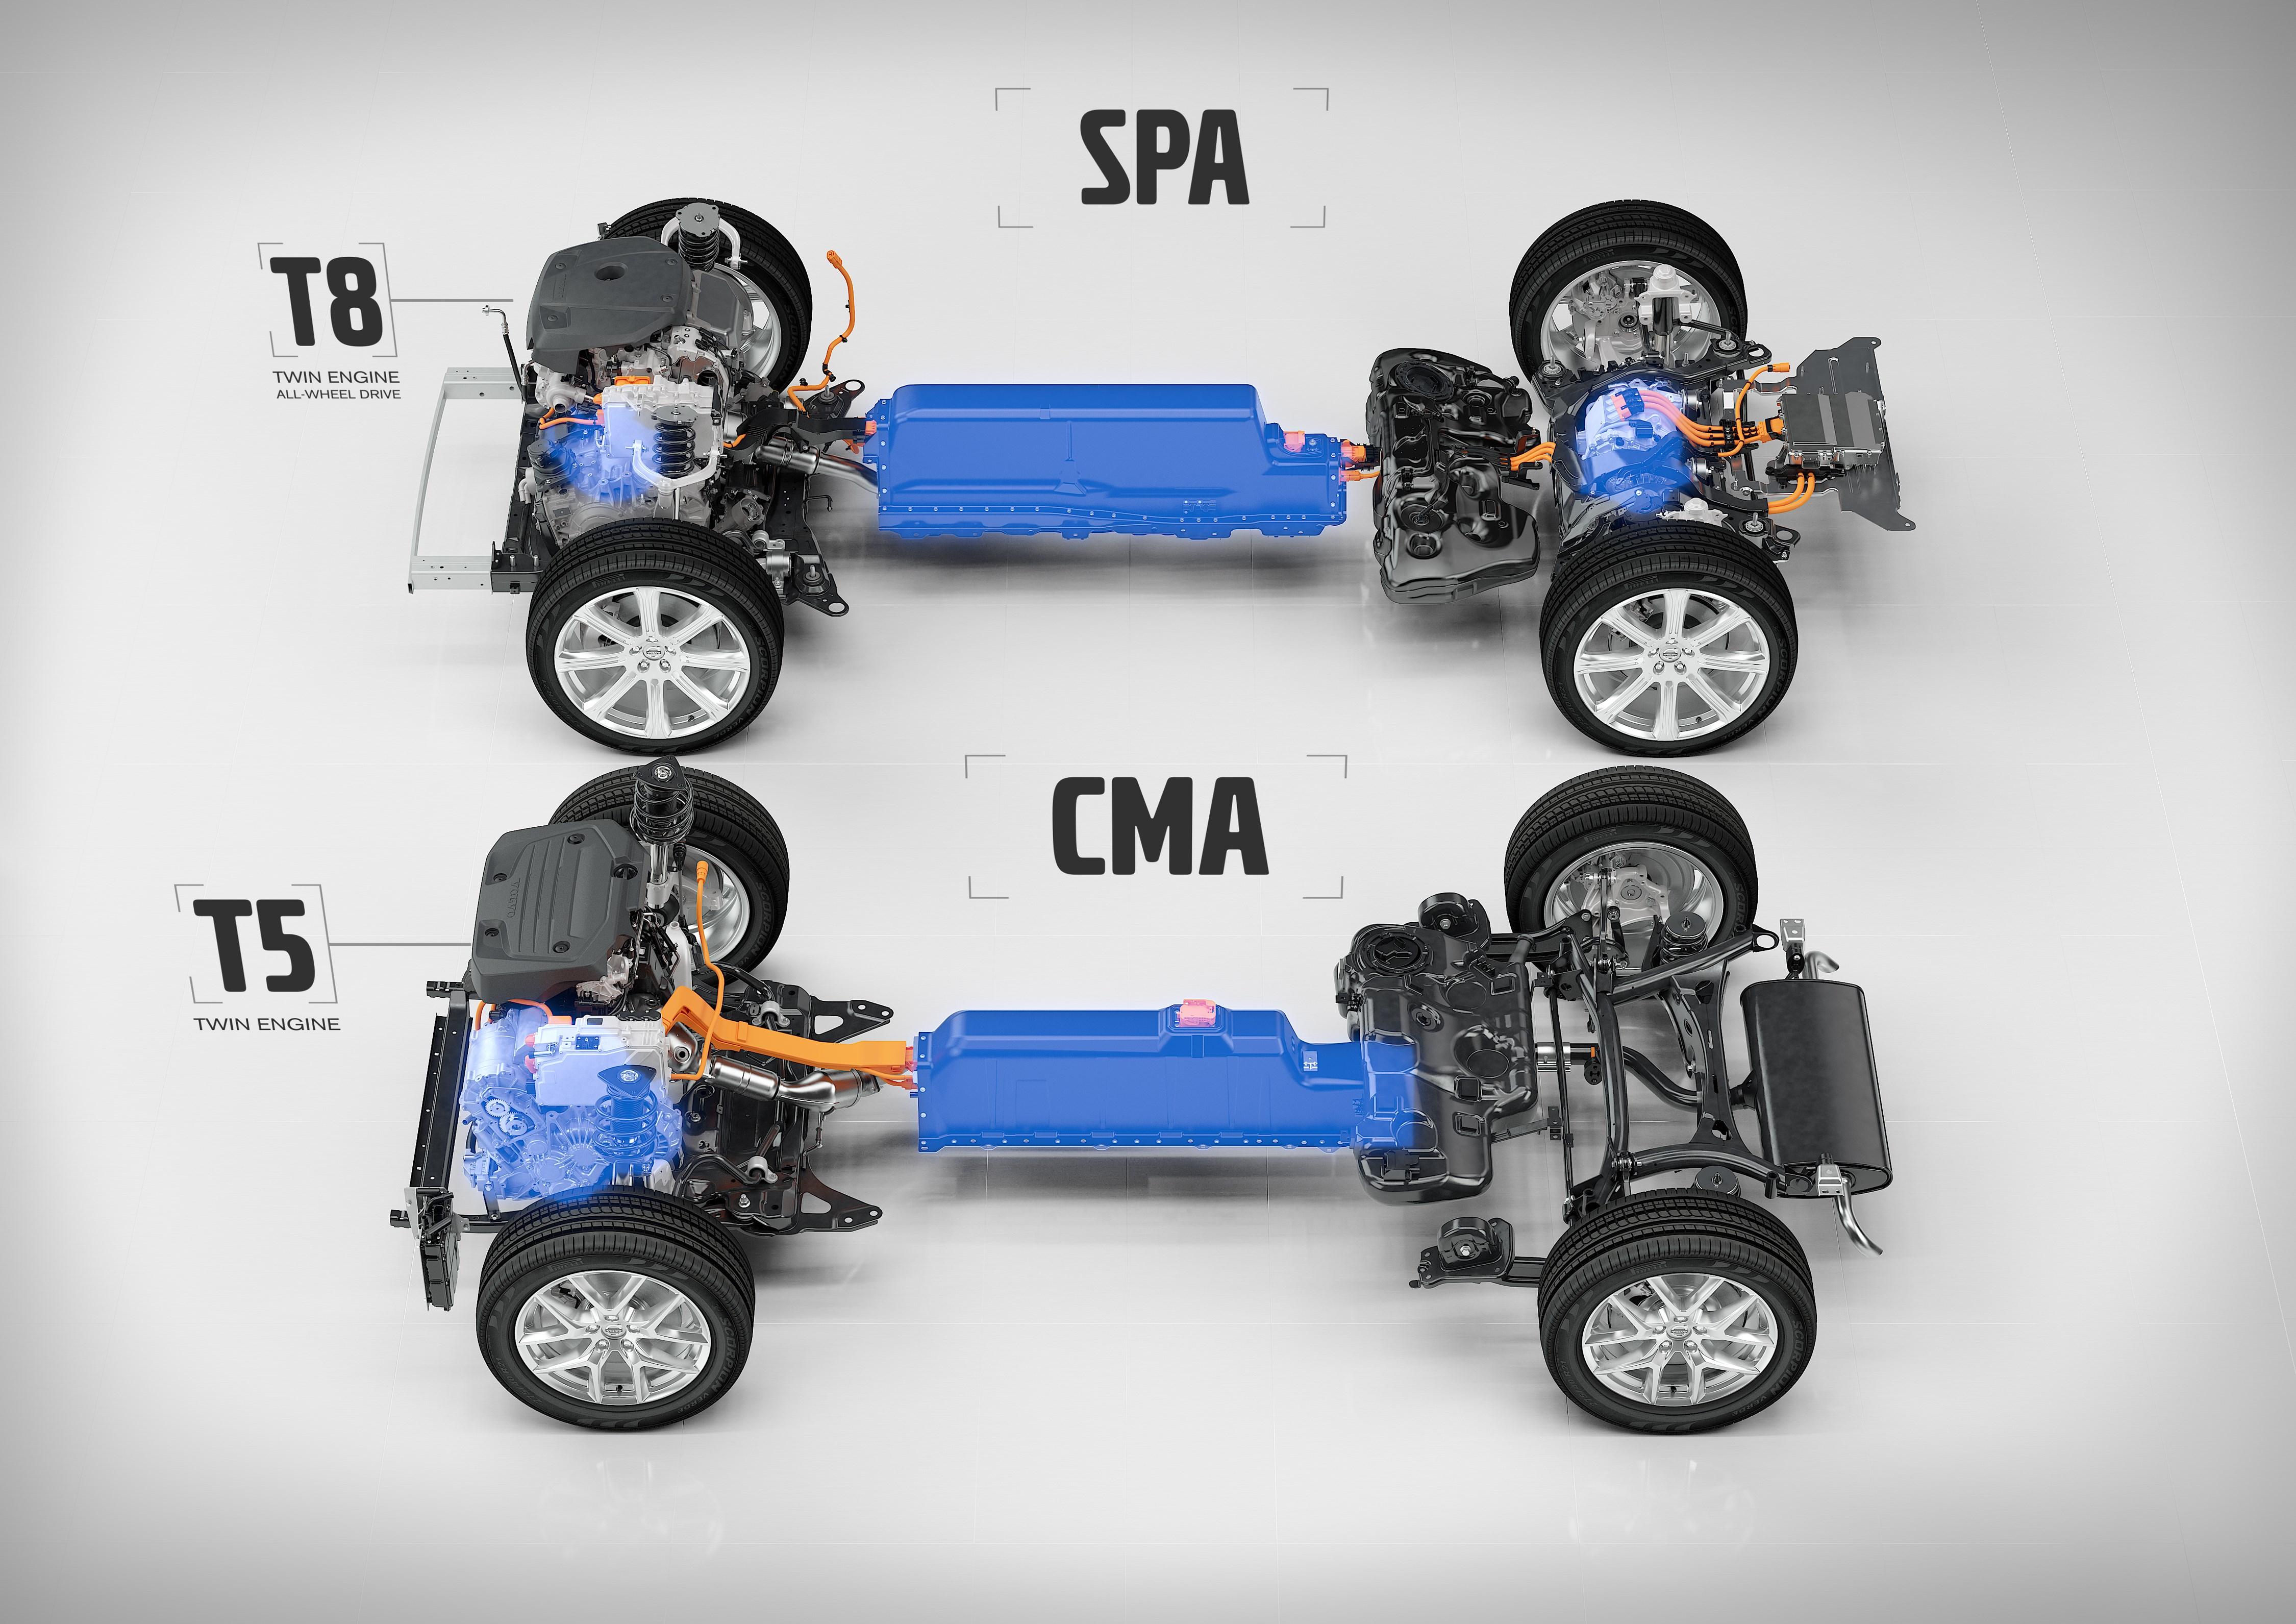 沃尔沃推全新CMA平台架构 紧凑车市场或再起波澜